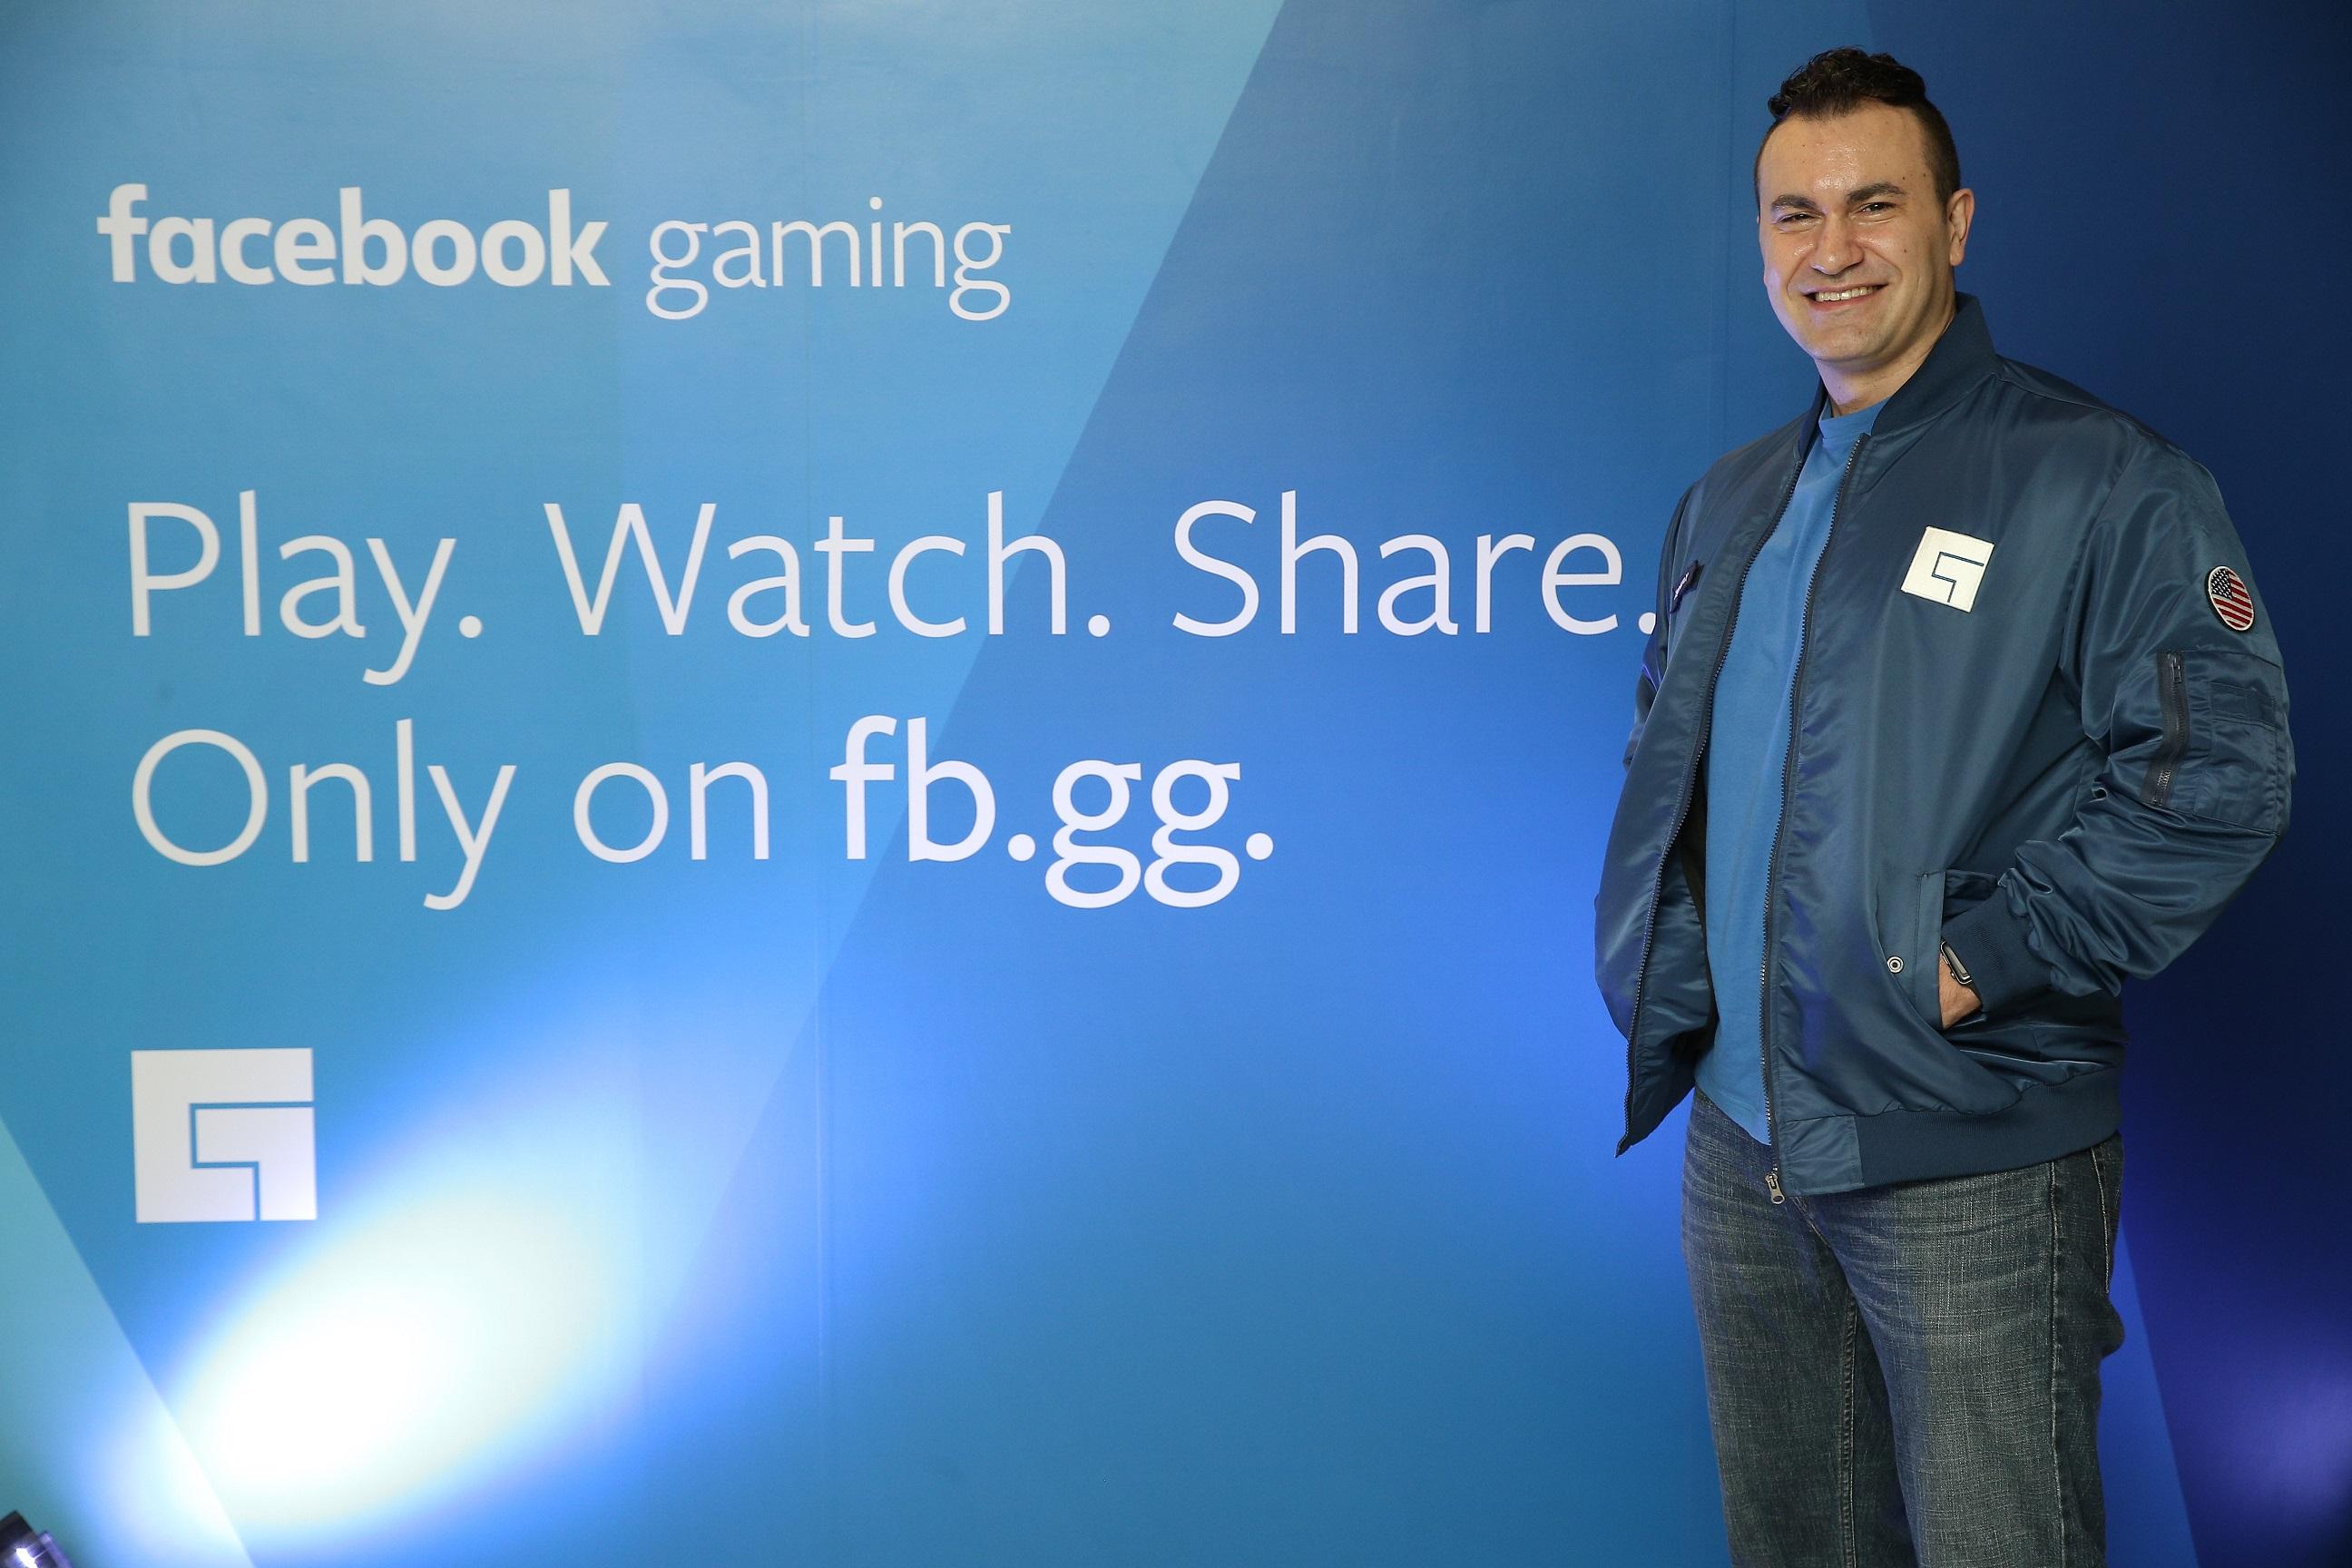 ไมเคิล โรส Facebook Gaming